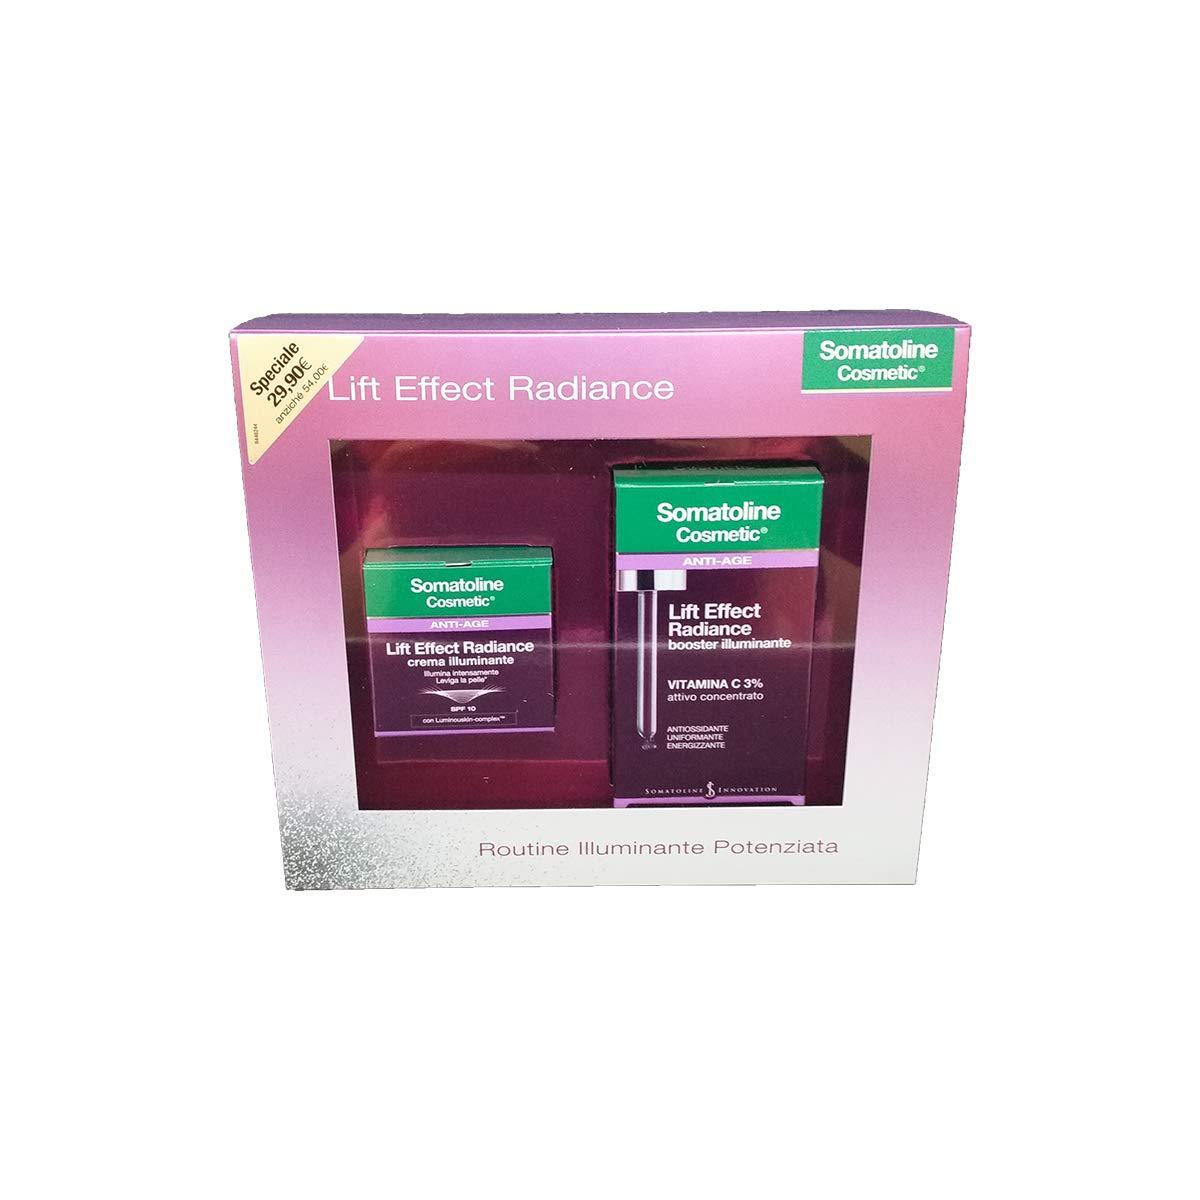 Image of Somatoline Cosmetic Viso Radiance Crema+Booster Illuminamte Prodotti Per Il Viso